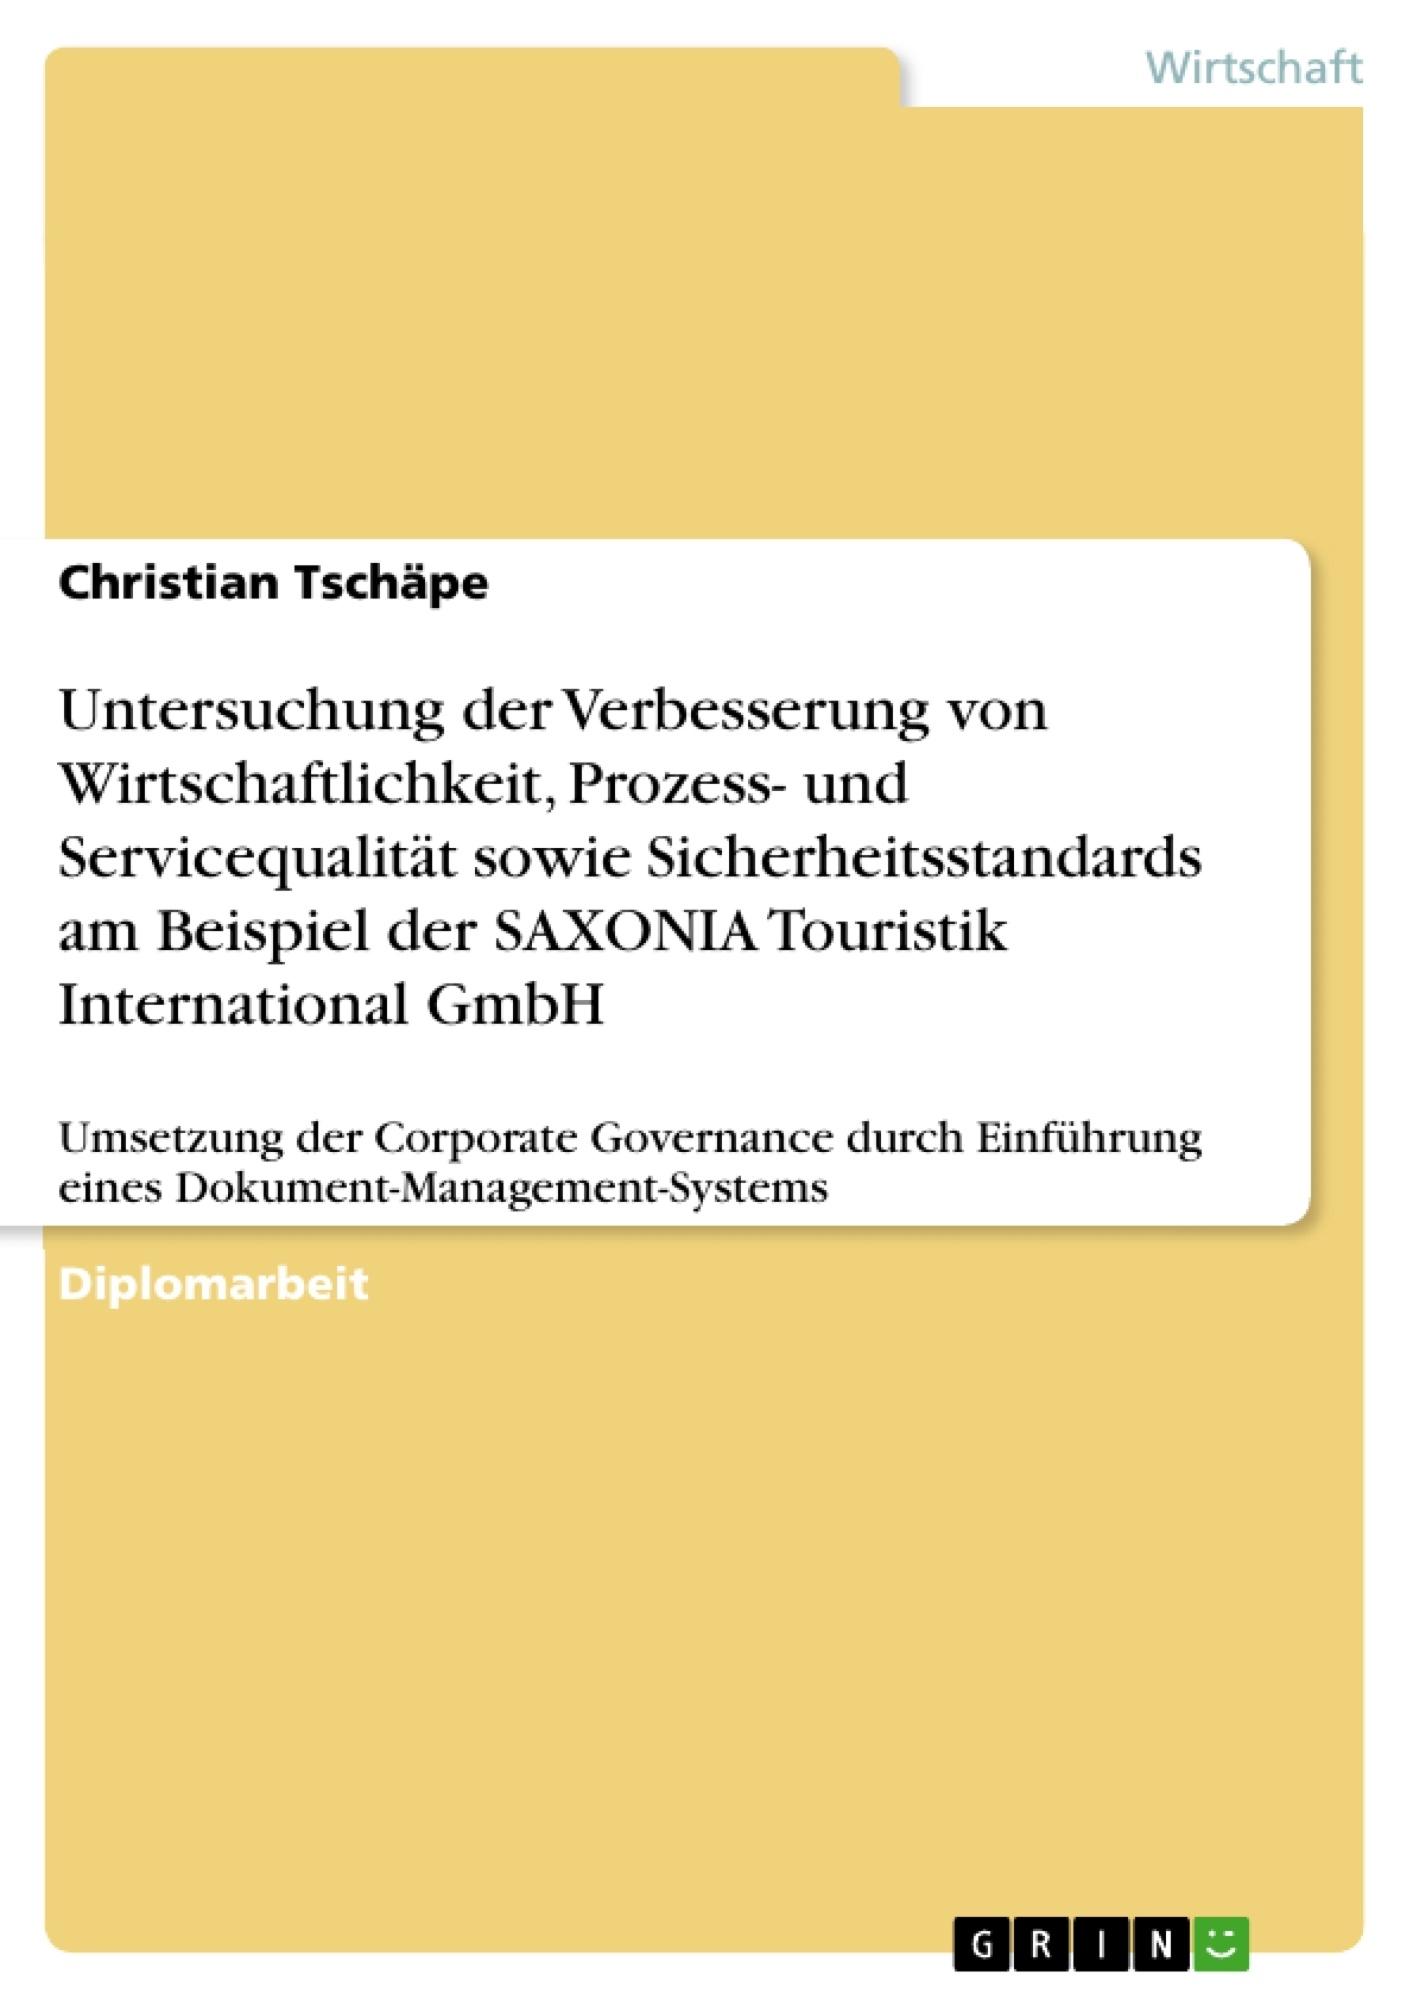 Titel: Untersuchung der Verbesserung von Wirtschaftlichkeit, Prozess- und Servicequalität sowie Sicherheitsstandards am Beispiel der SAXONIA Touristik International GmbH